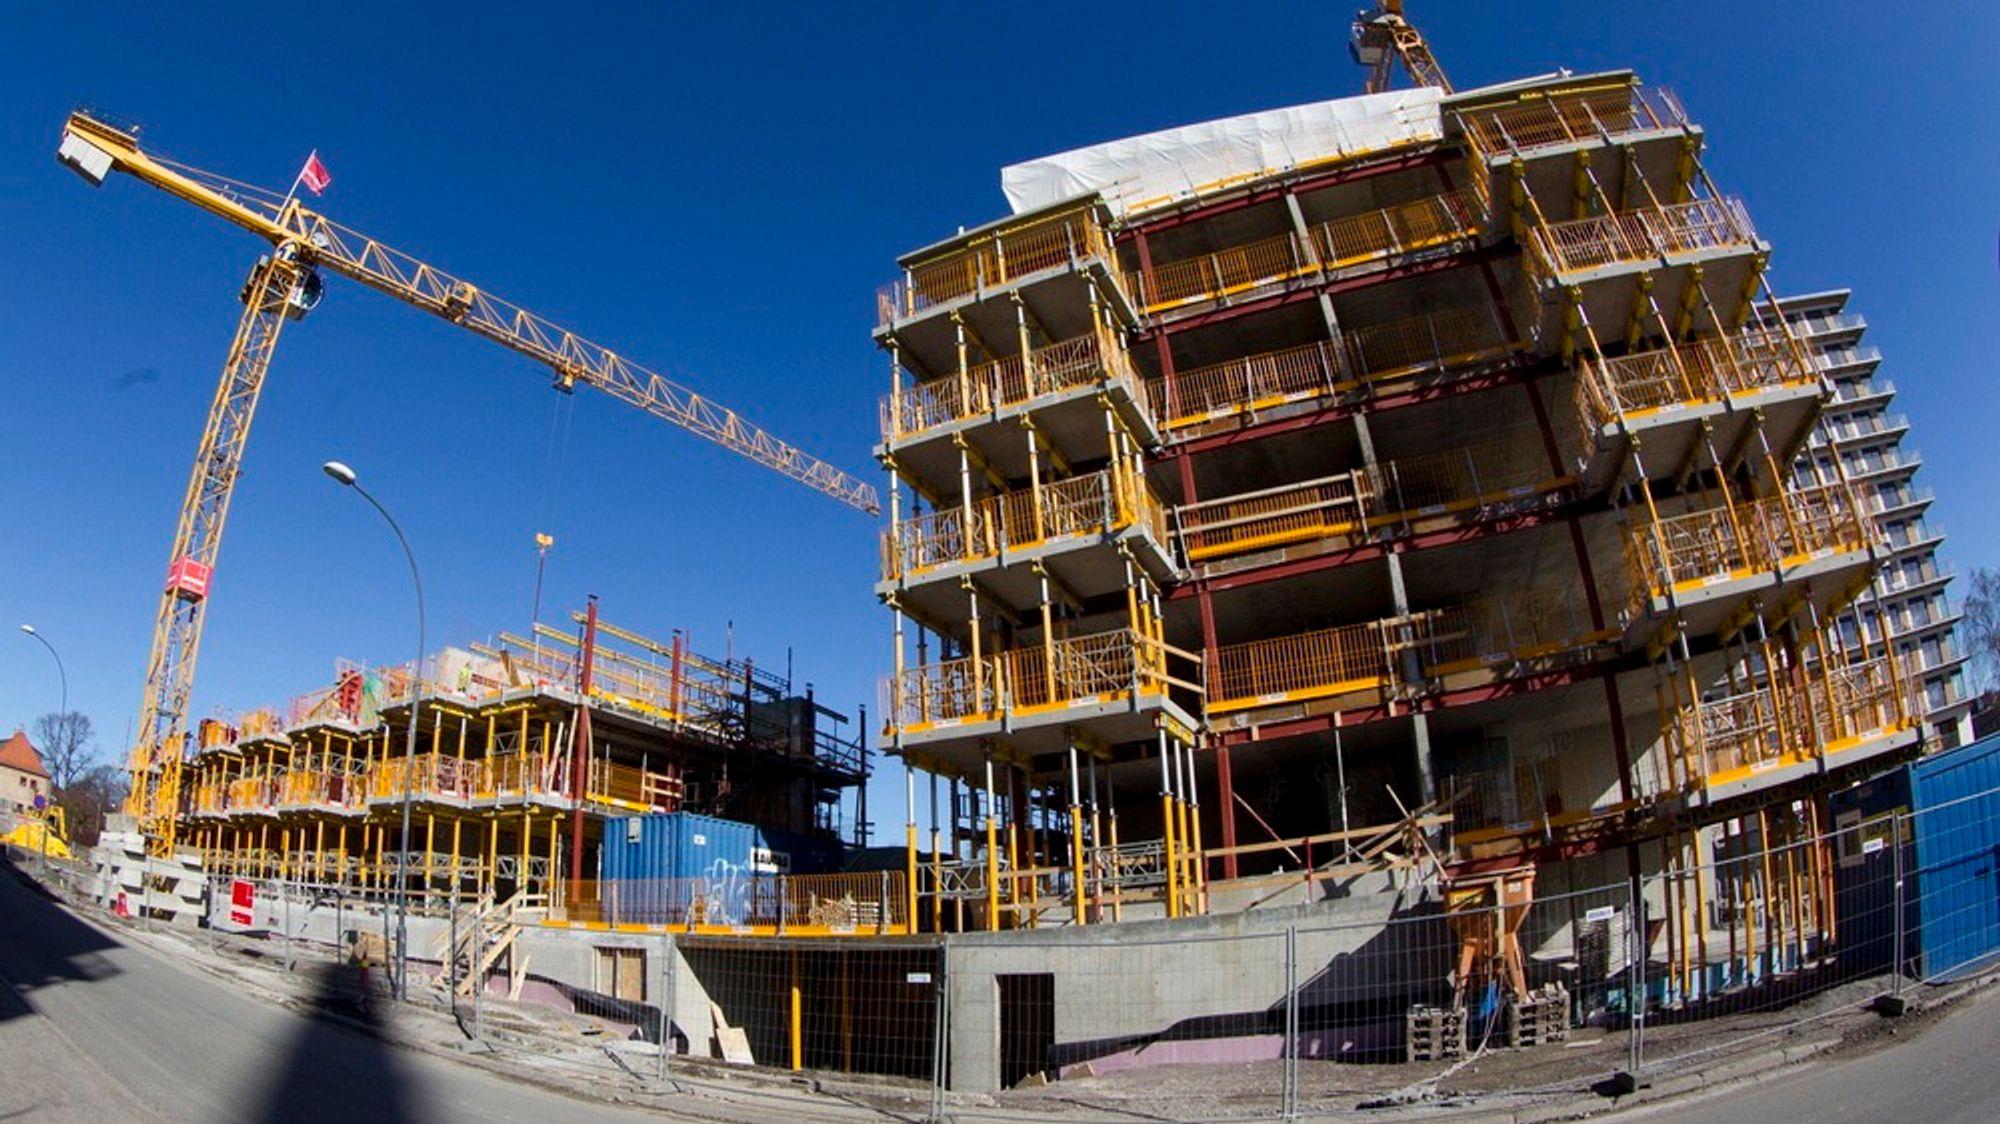 Tirsdag morgen presenterte Direktoratet for byggkvalitet forslaget til nye byggeregler.